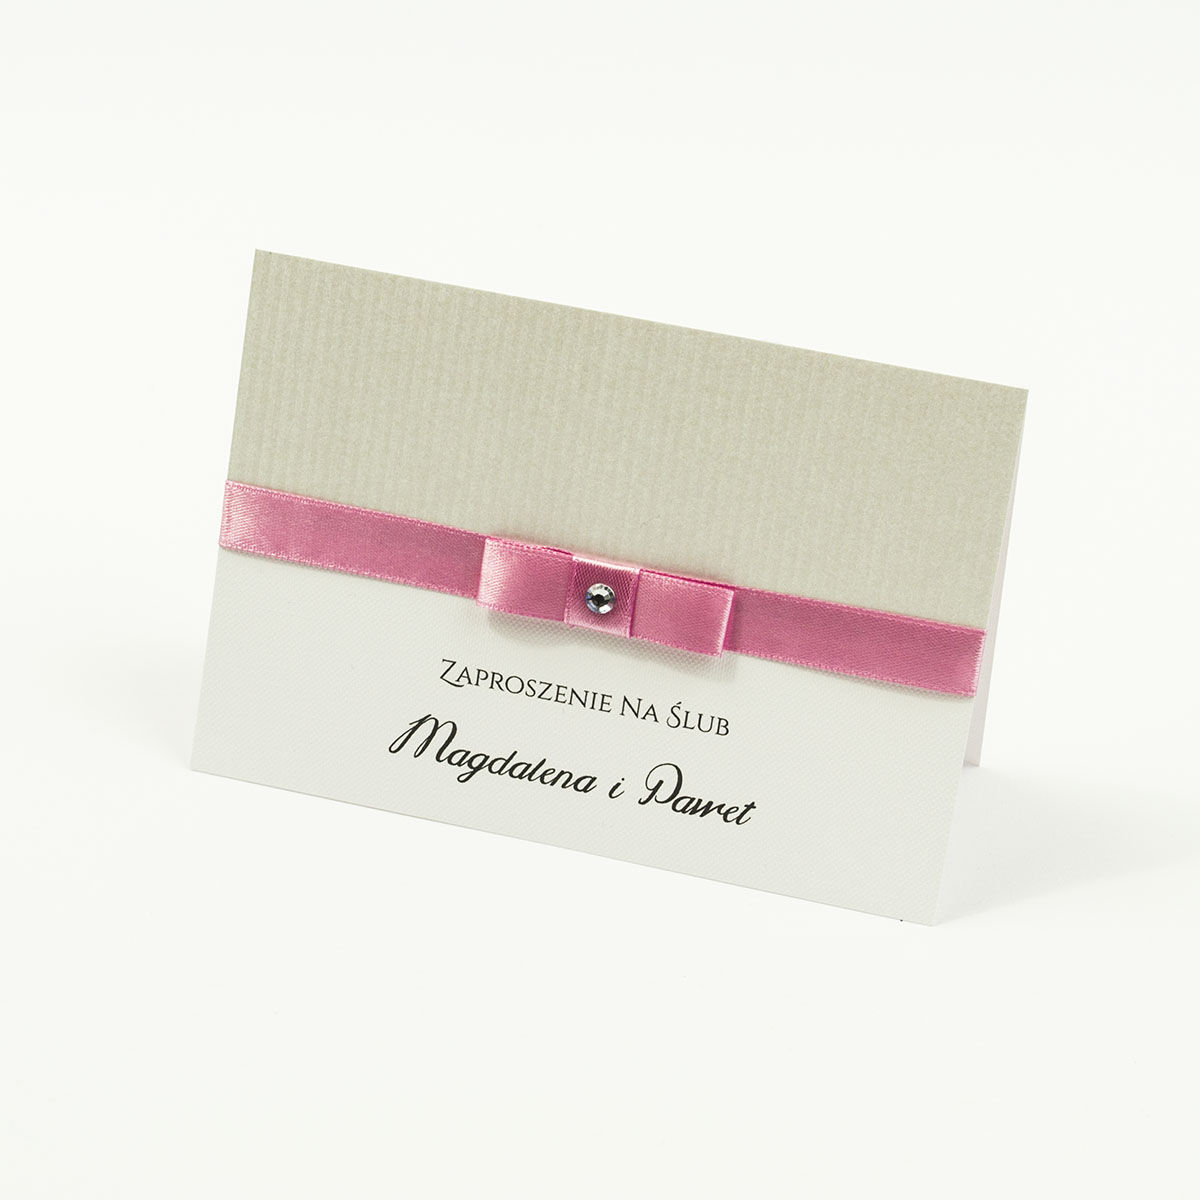 Bardzo eleganckie zaproszenia ślubne z różową wstążką, srebrnym papierem w paski, cyrkonią i wklejanym wnętrzem. ZAP-64-92